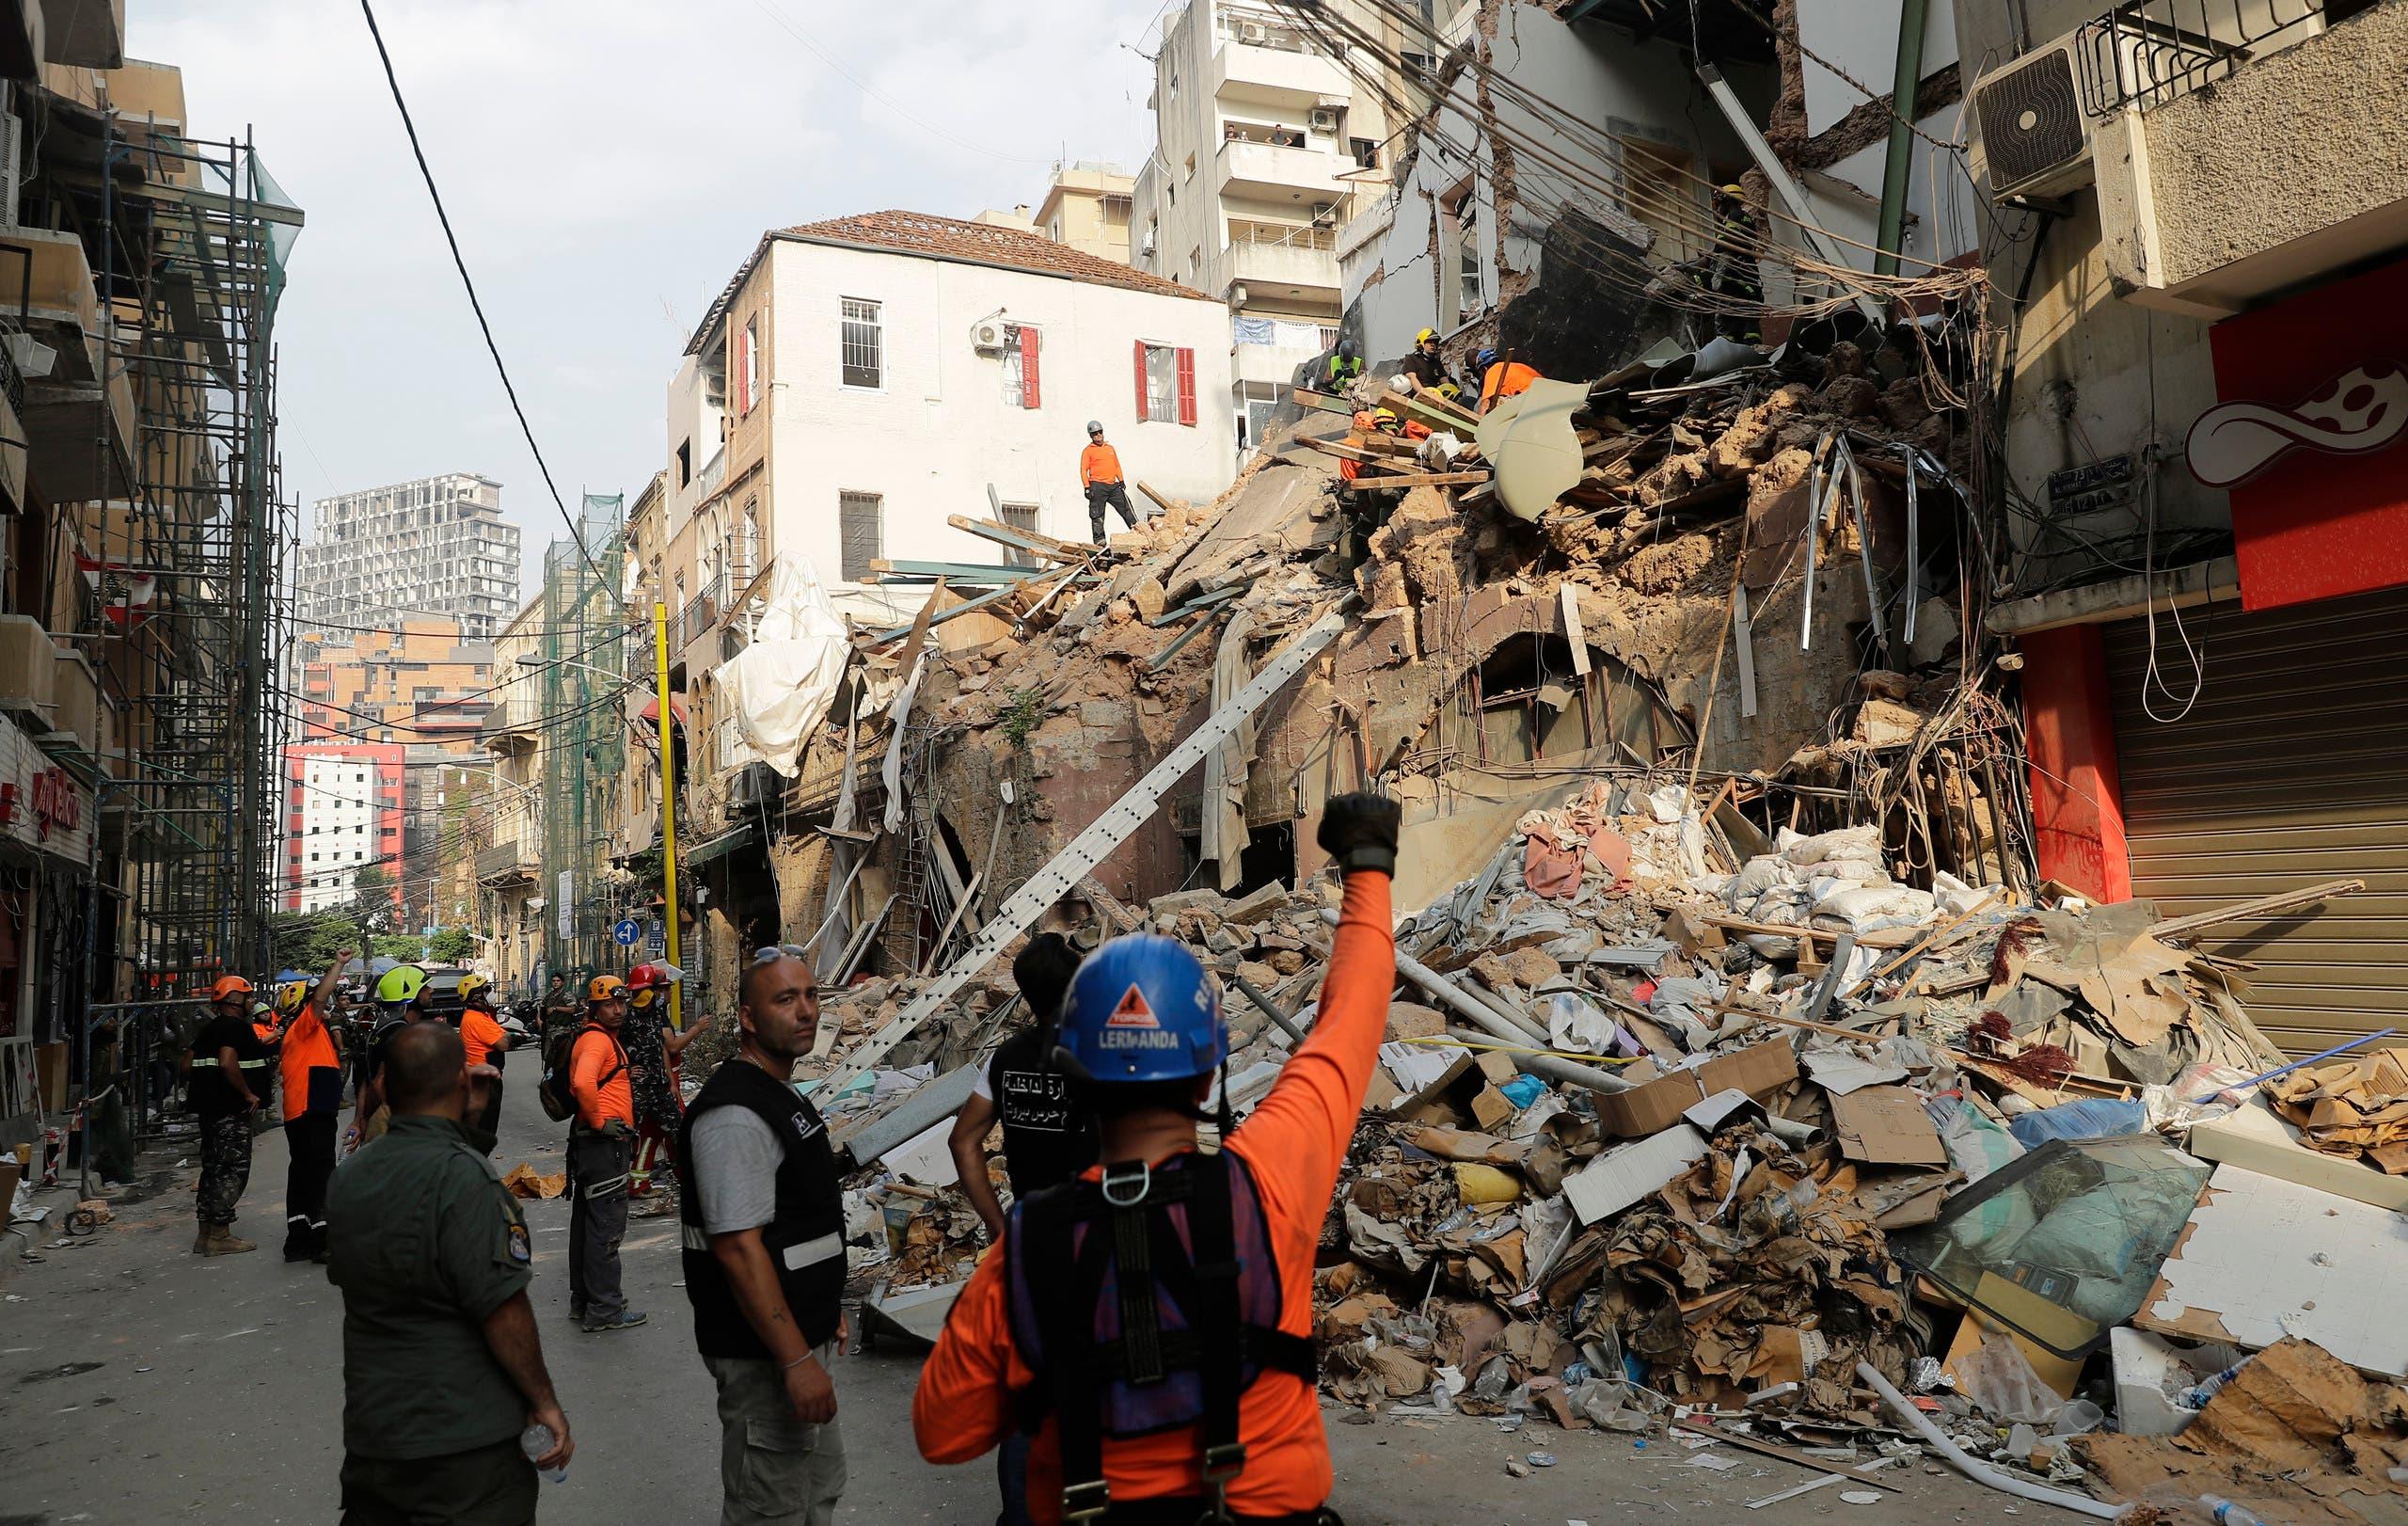 من منطقة مار مخايل في بيروت (3 سبتمبر 2020- فرانس برس)